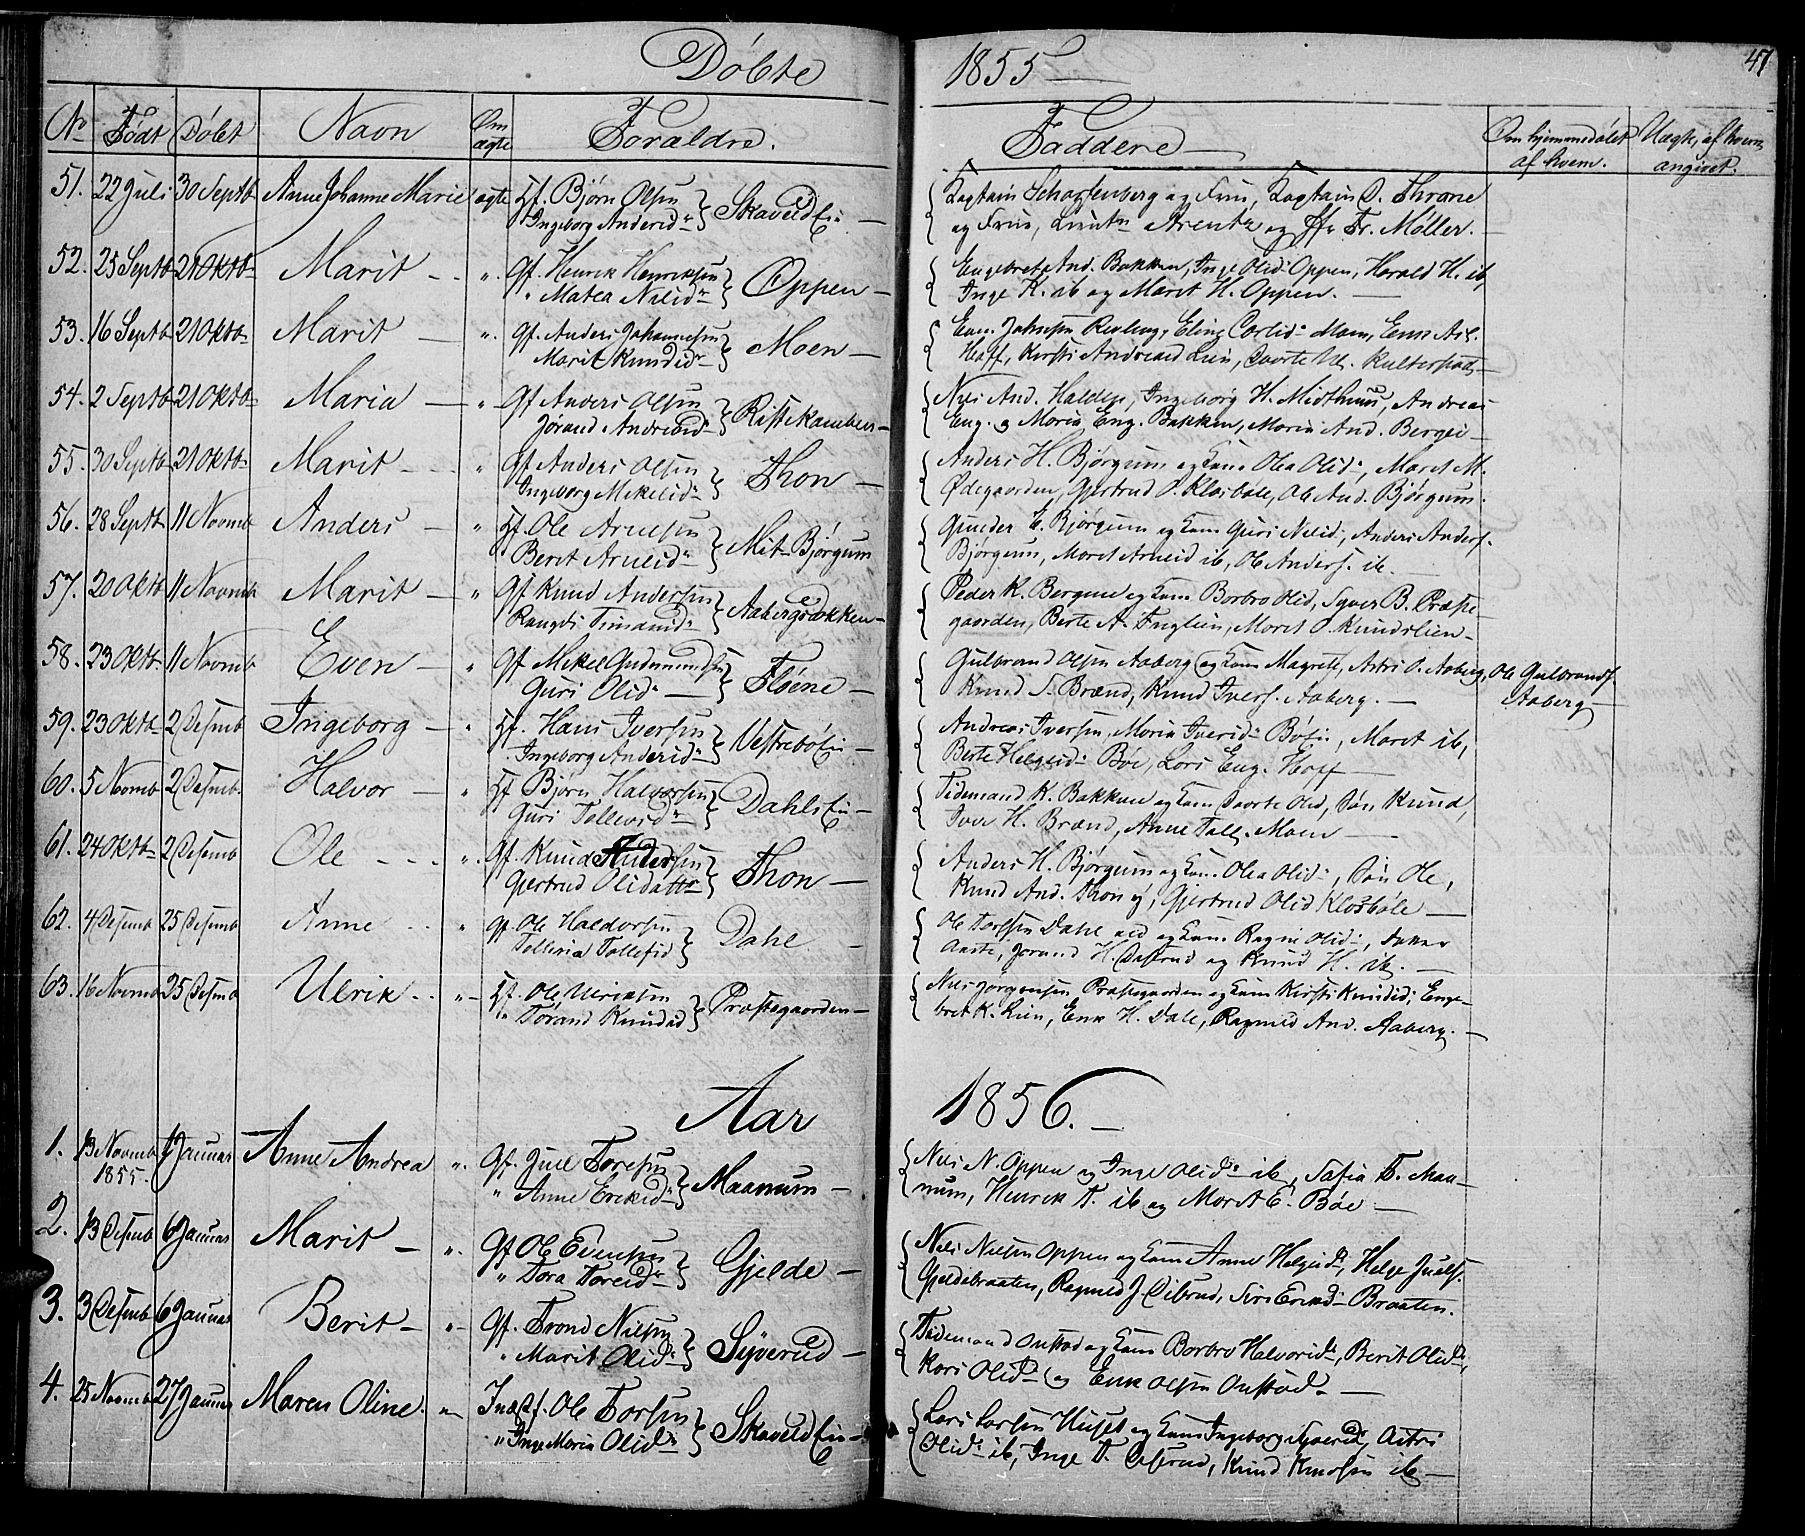 SAH, Nord-Aurdal prestekontor, Klokkerbok nr. 2, 1842-1877, s. 47